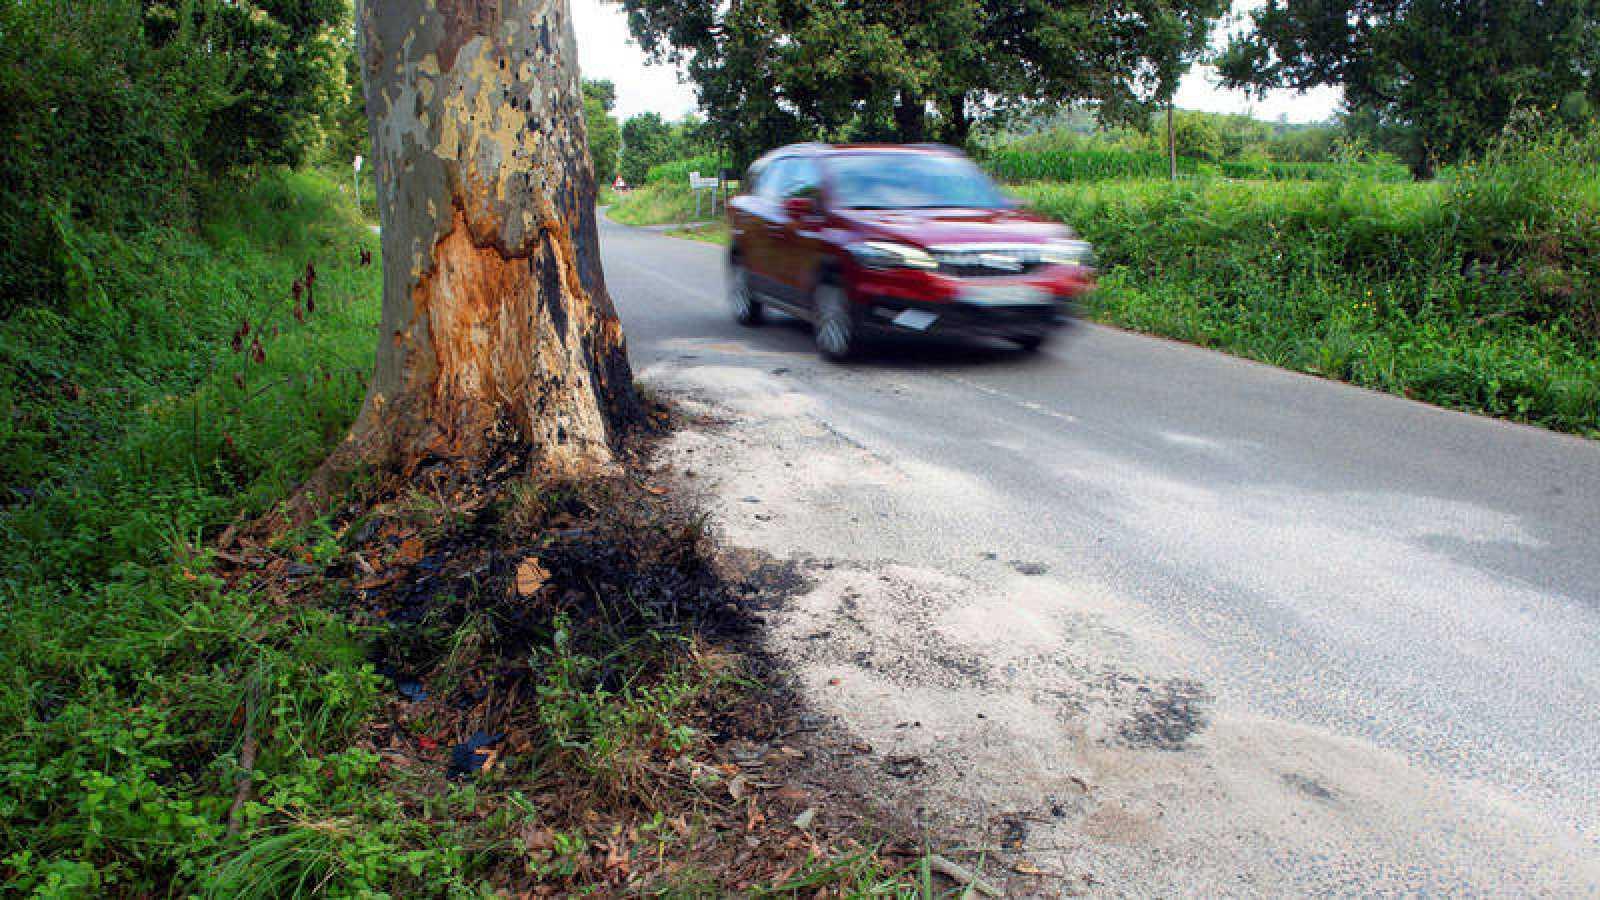 Vista del lugar del accidente de tráfico en el que ayer lunes murió el asesino de la mujer de 52 años en Escalante.